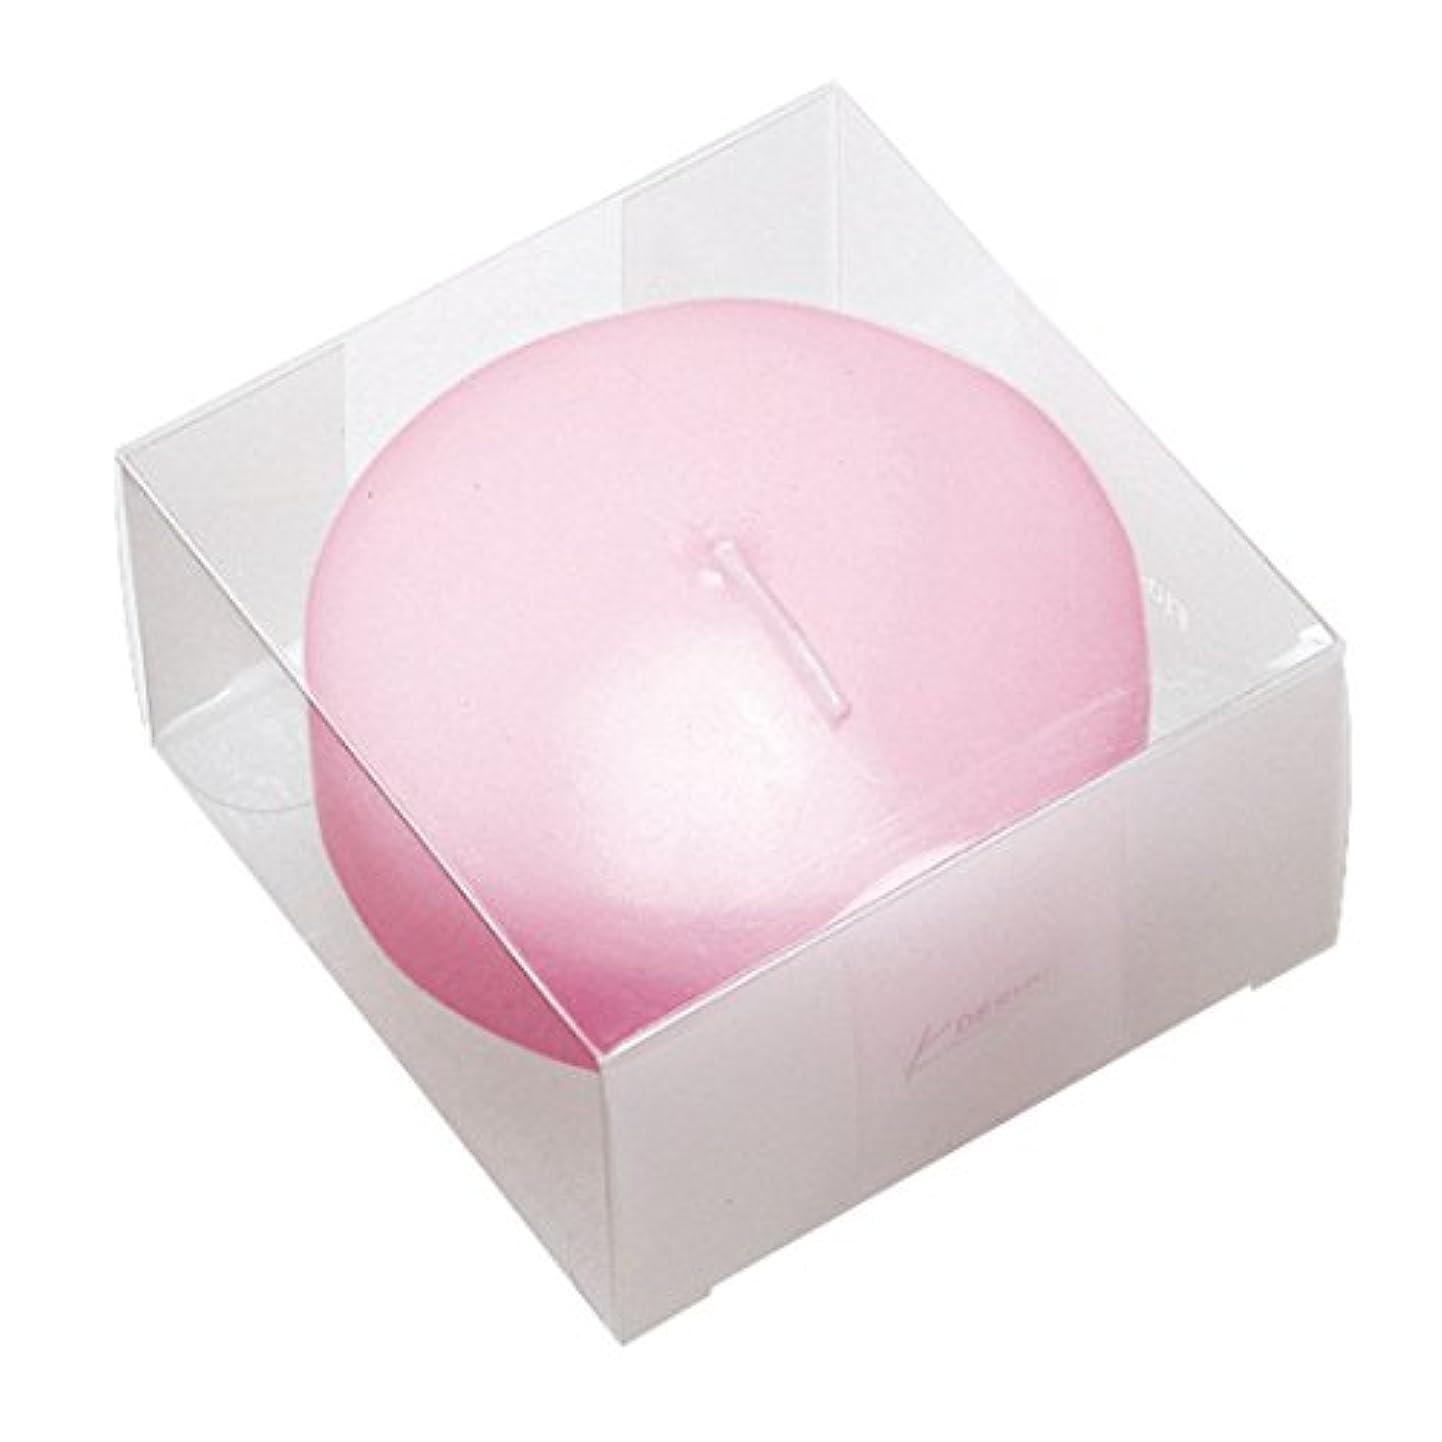 抑制する助けになる故意にプール80(箱入り) 「 ピンク 」